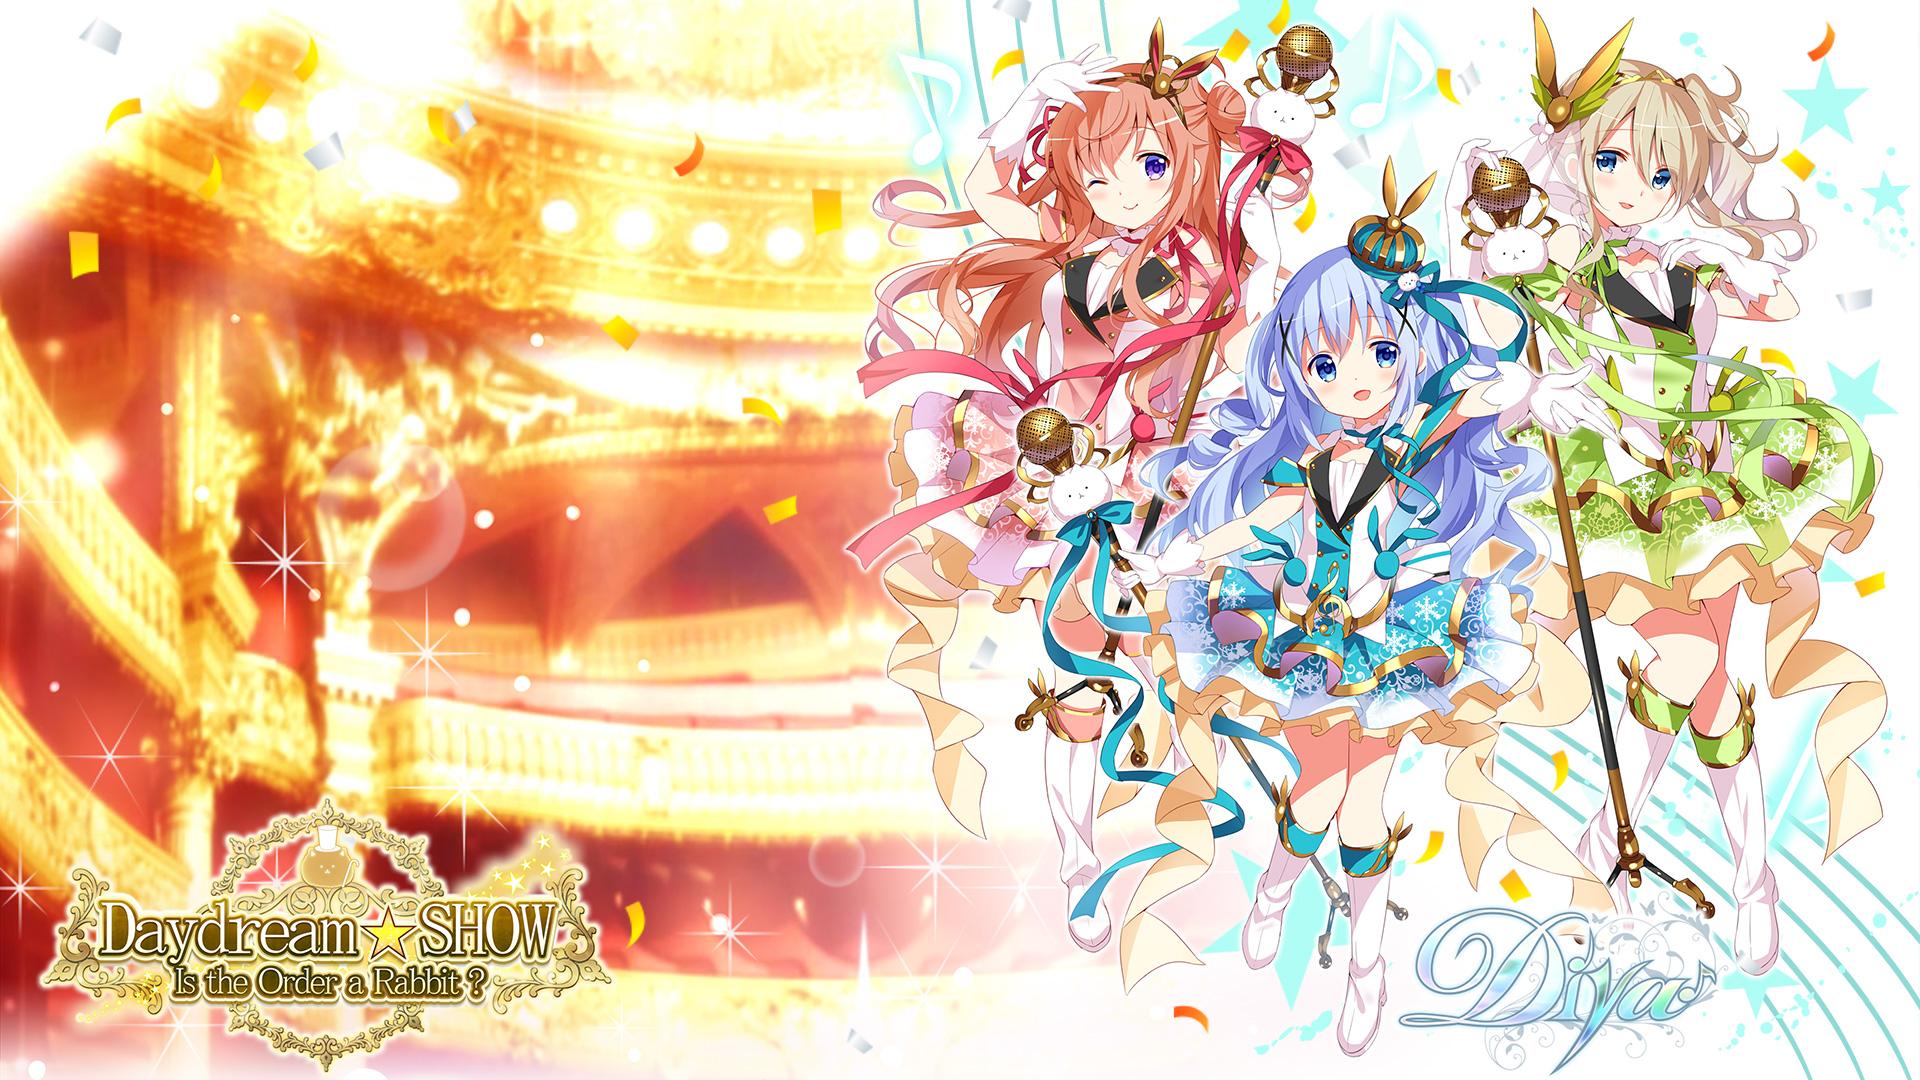 ごちうさ:喫茶店アイドル育成ゲームDaydream☆SHOW-7-壁紙-チノモカ青山